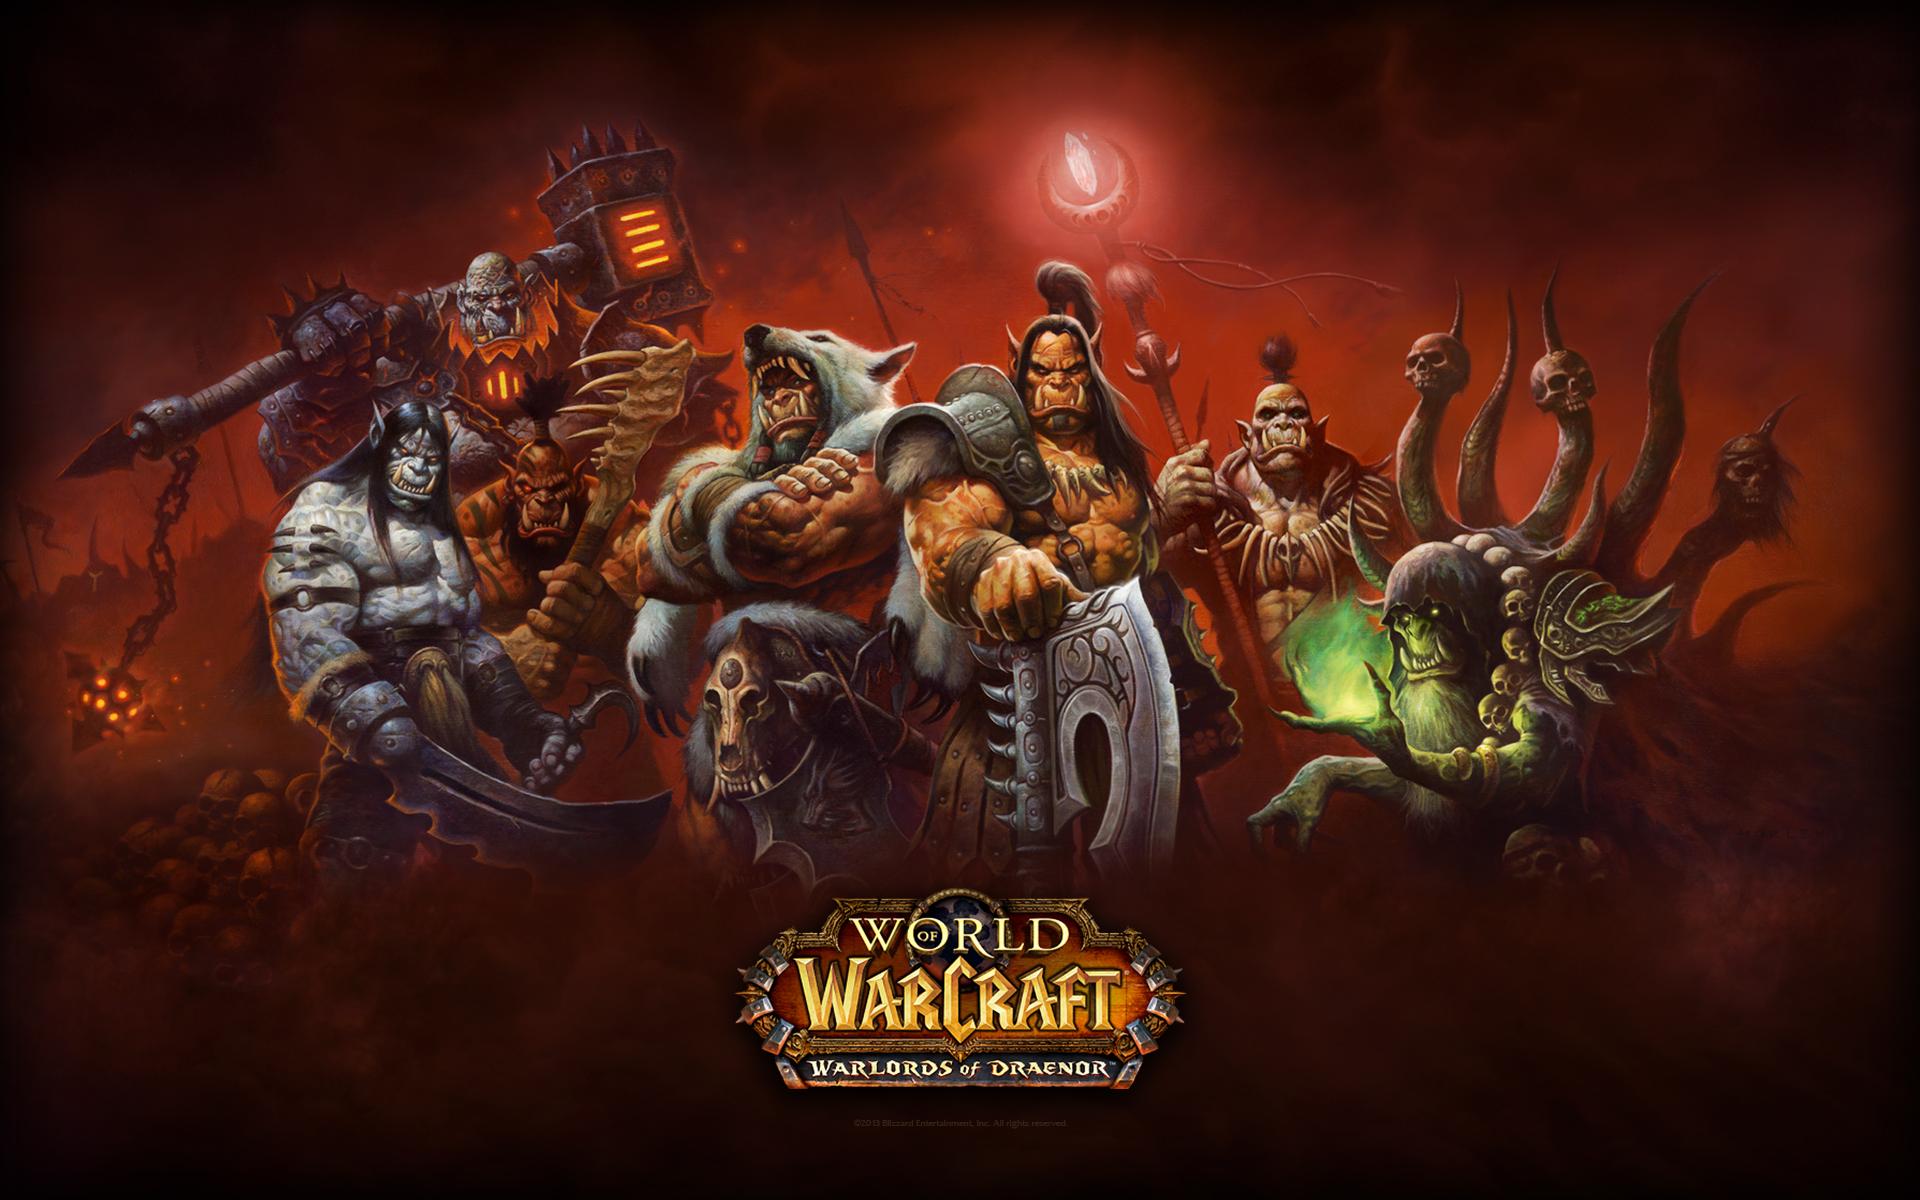 ¿Cuándo saldrá WoW: Warlords of Draenor? Pronto lo sabrás